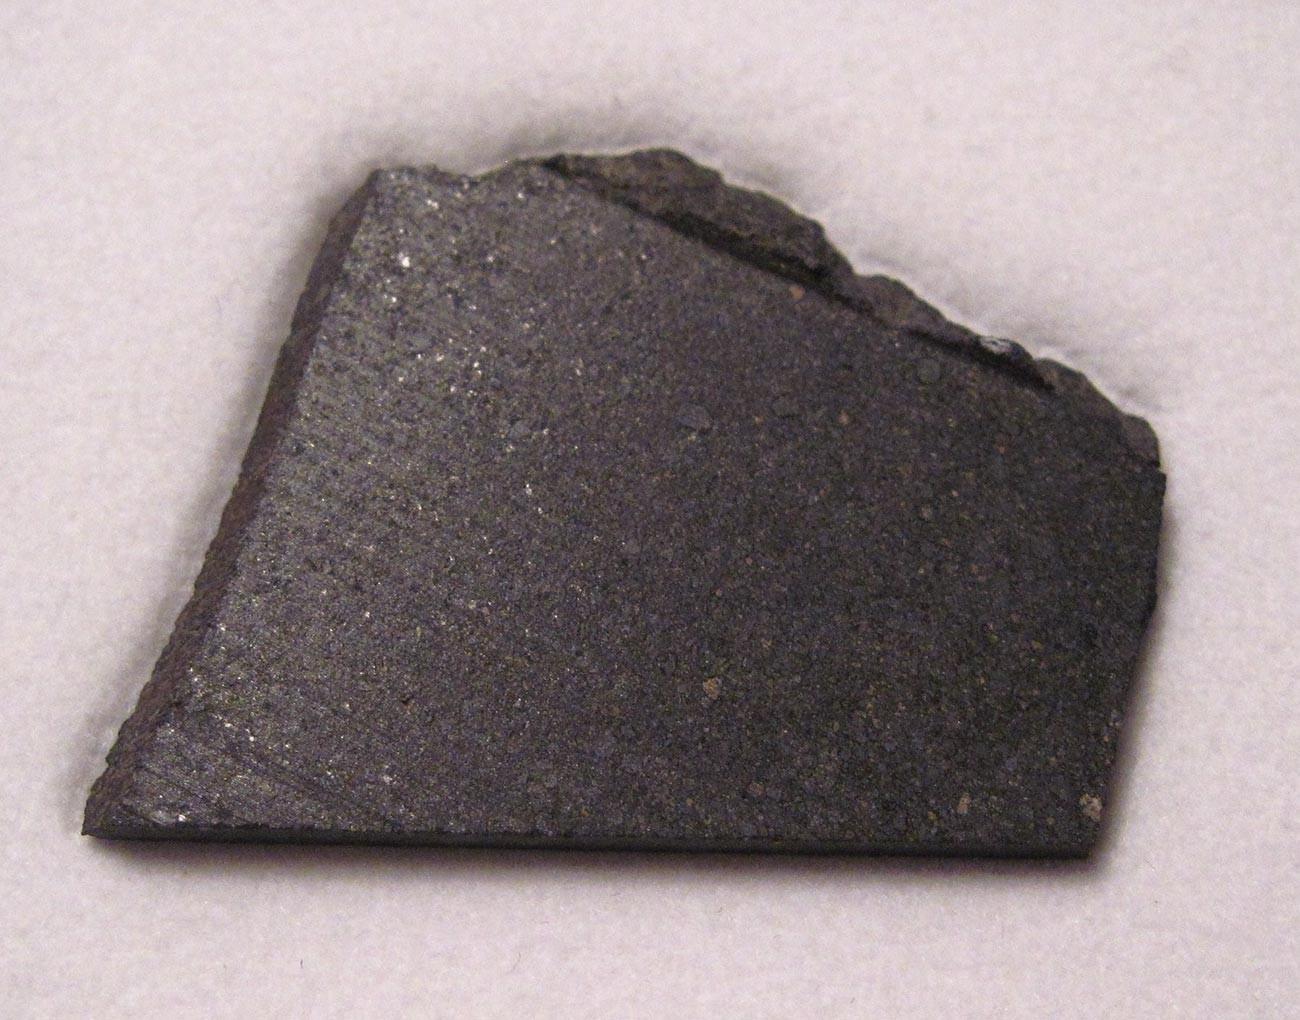 カインサス隕石破片の一つ、4.04グラム